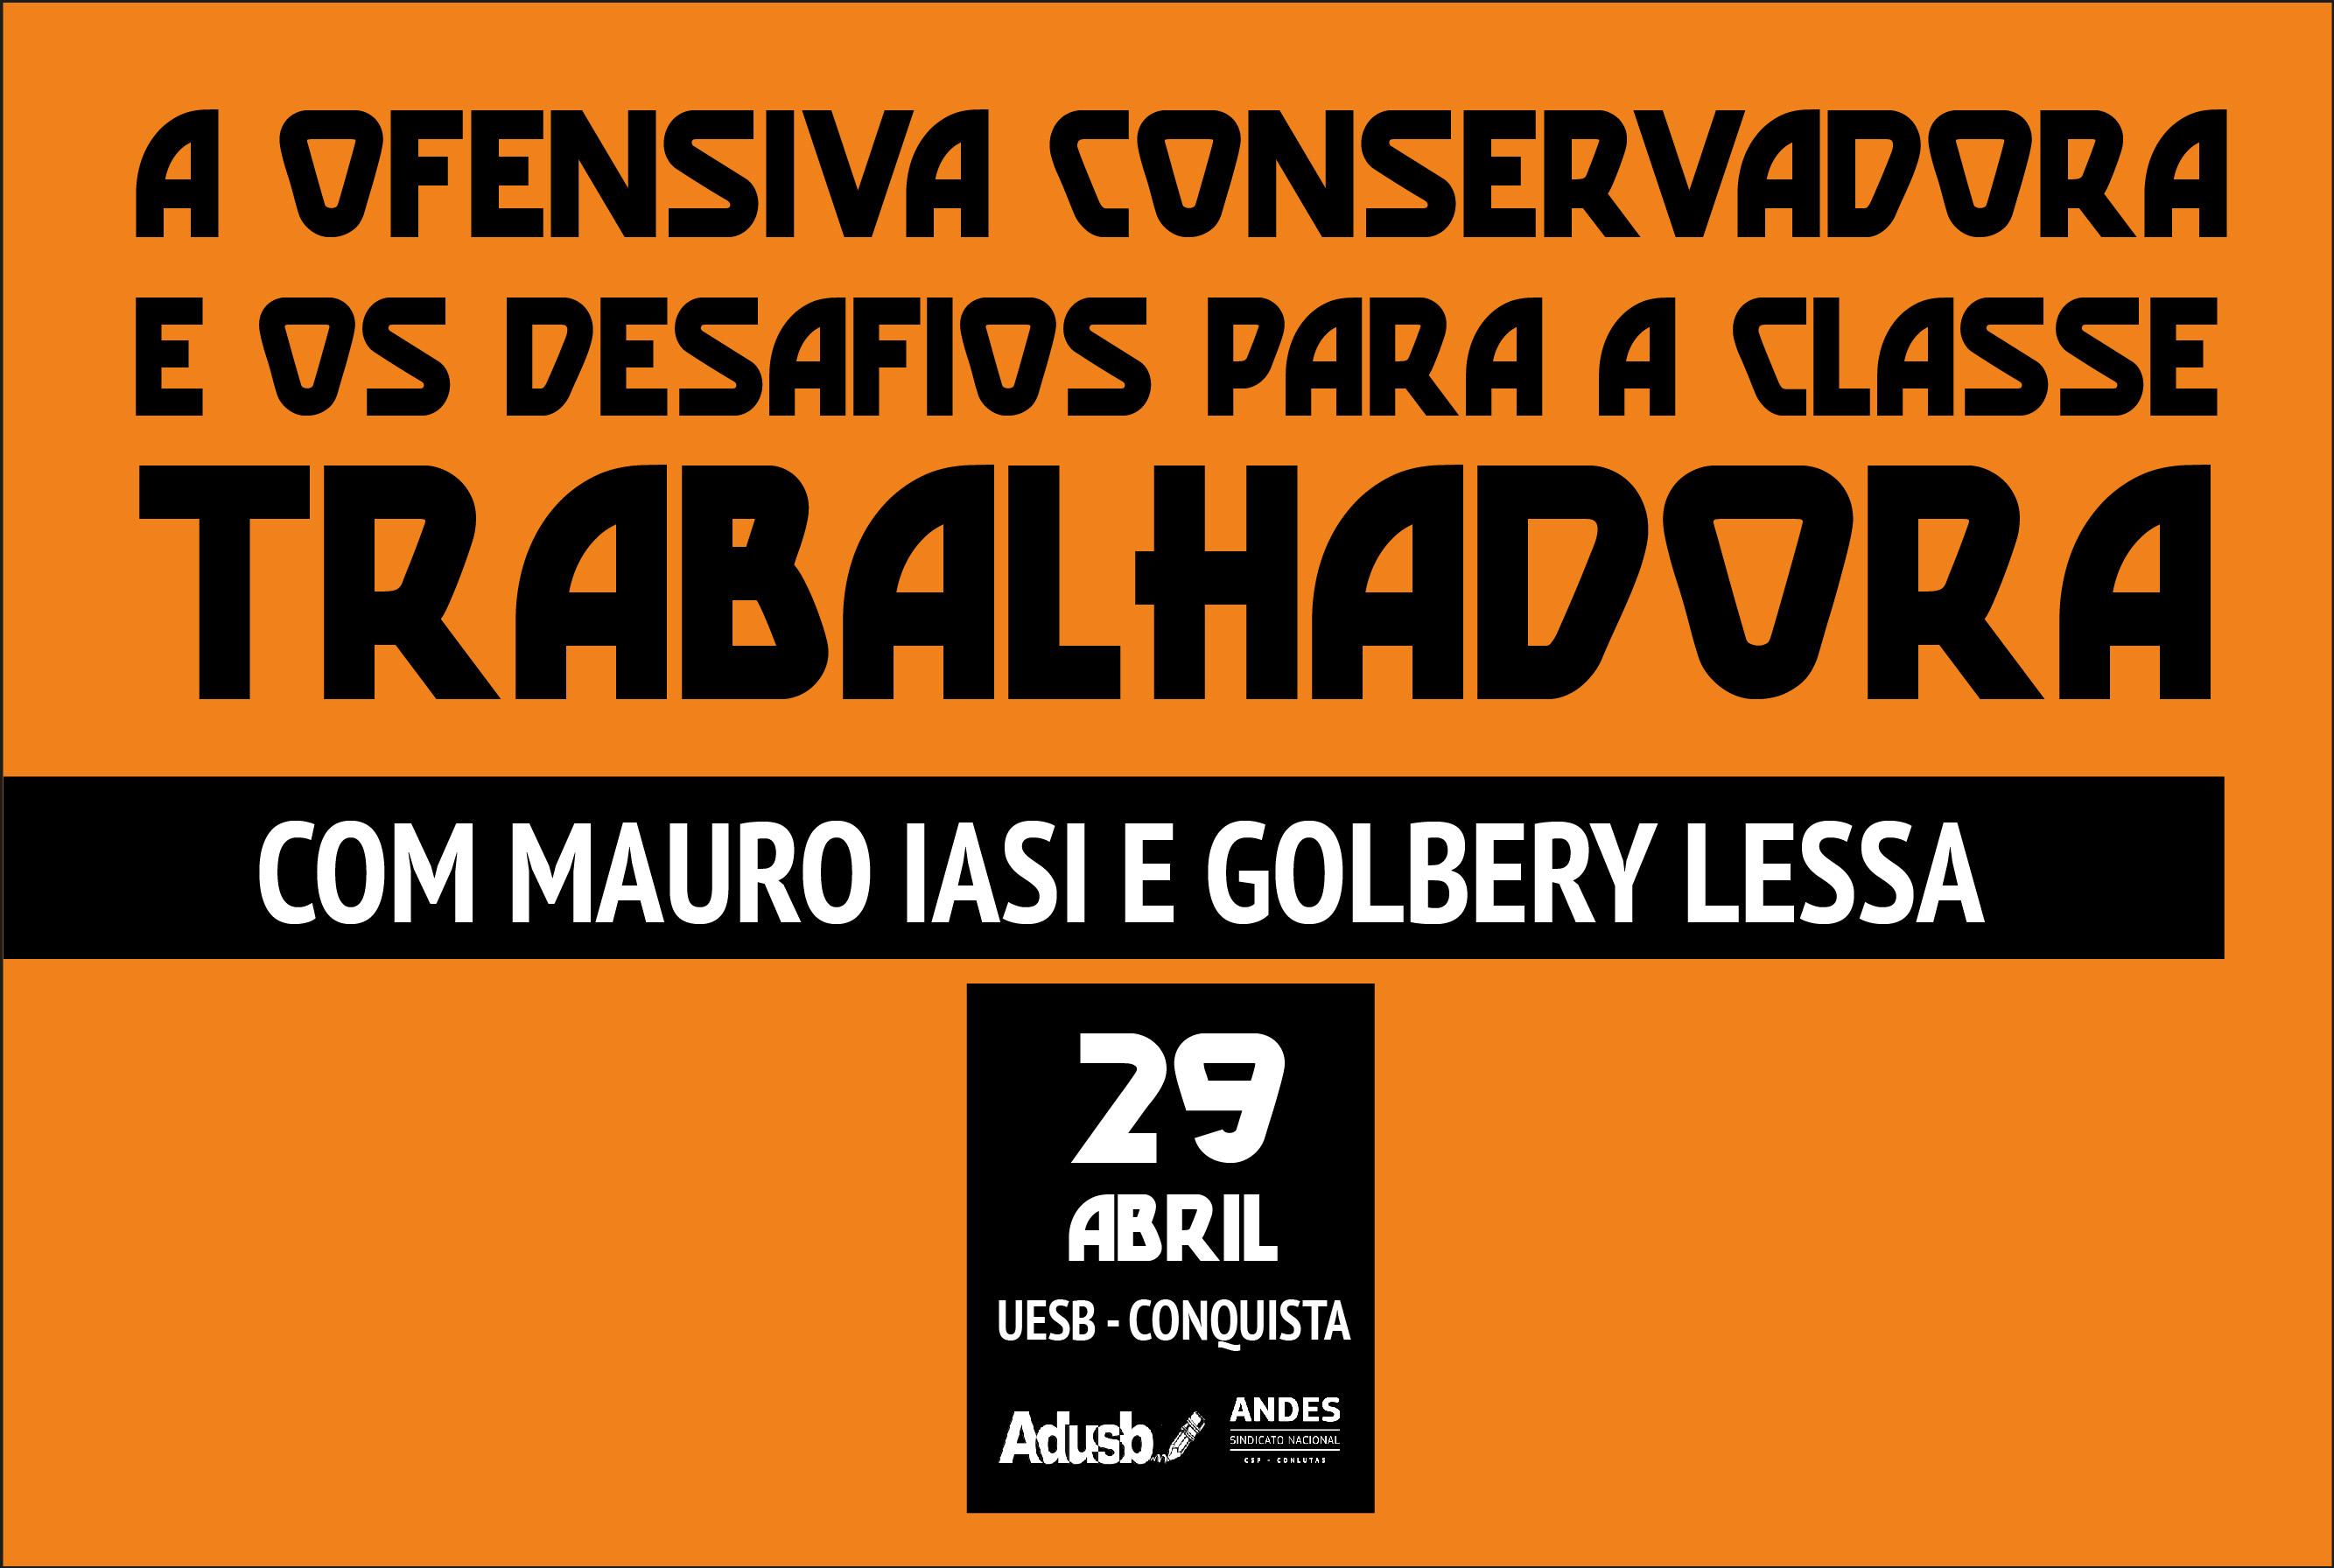 Mauro Iasi e Golbery Lessa debaterão conjuntura política no Brasil